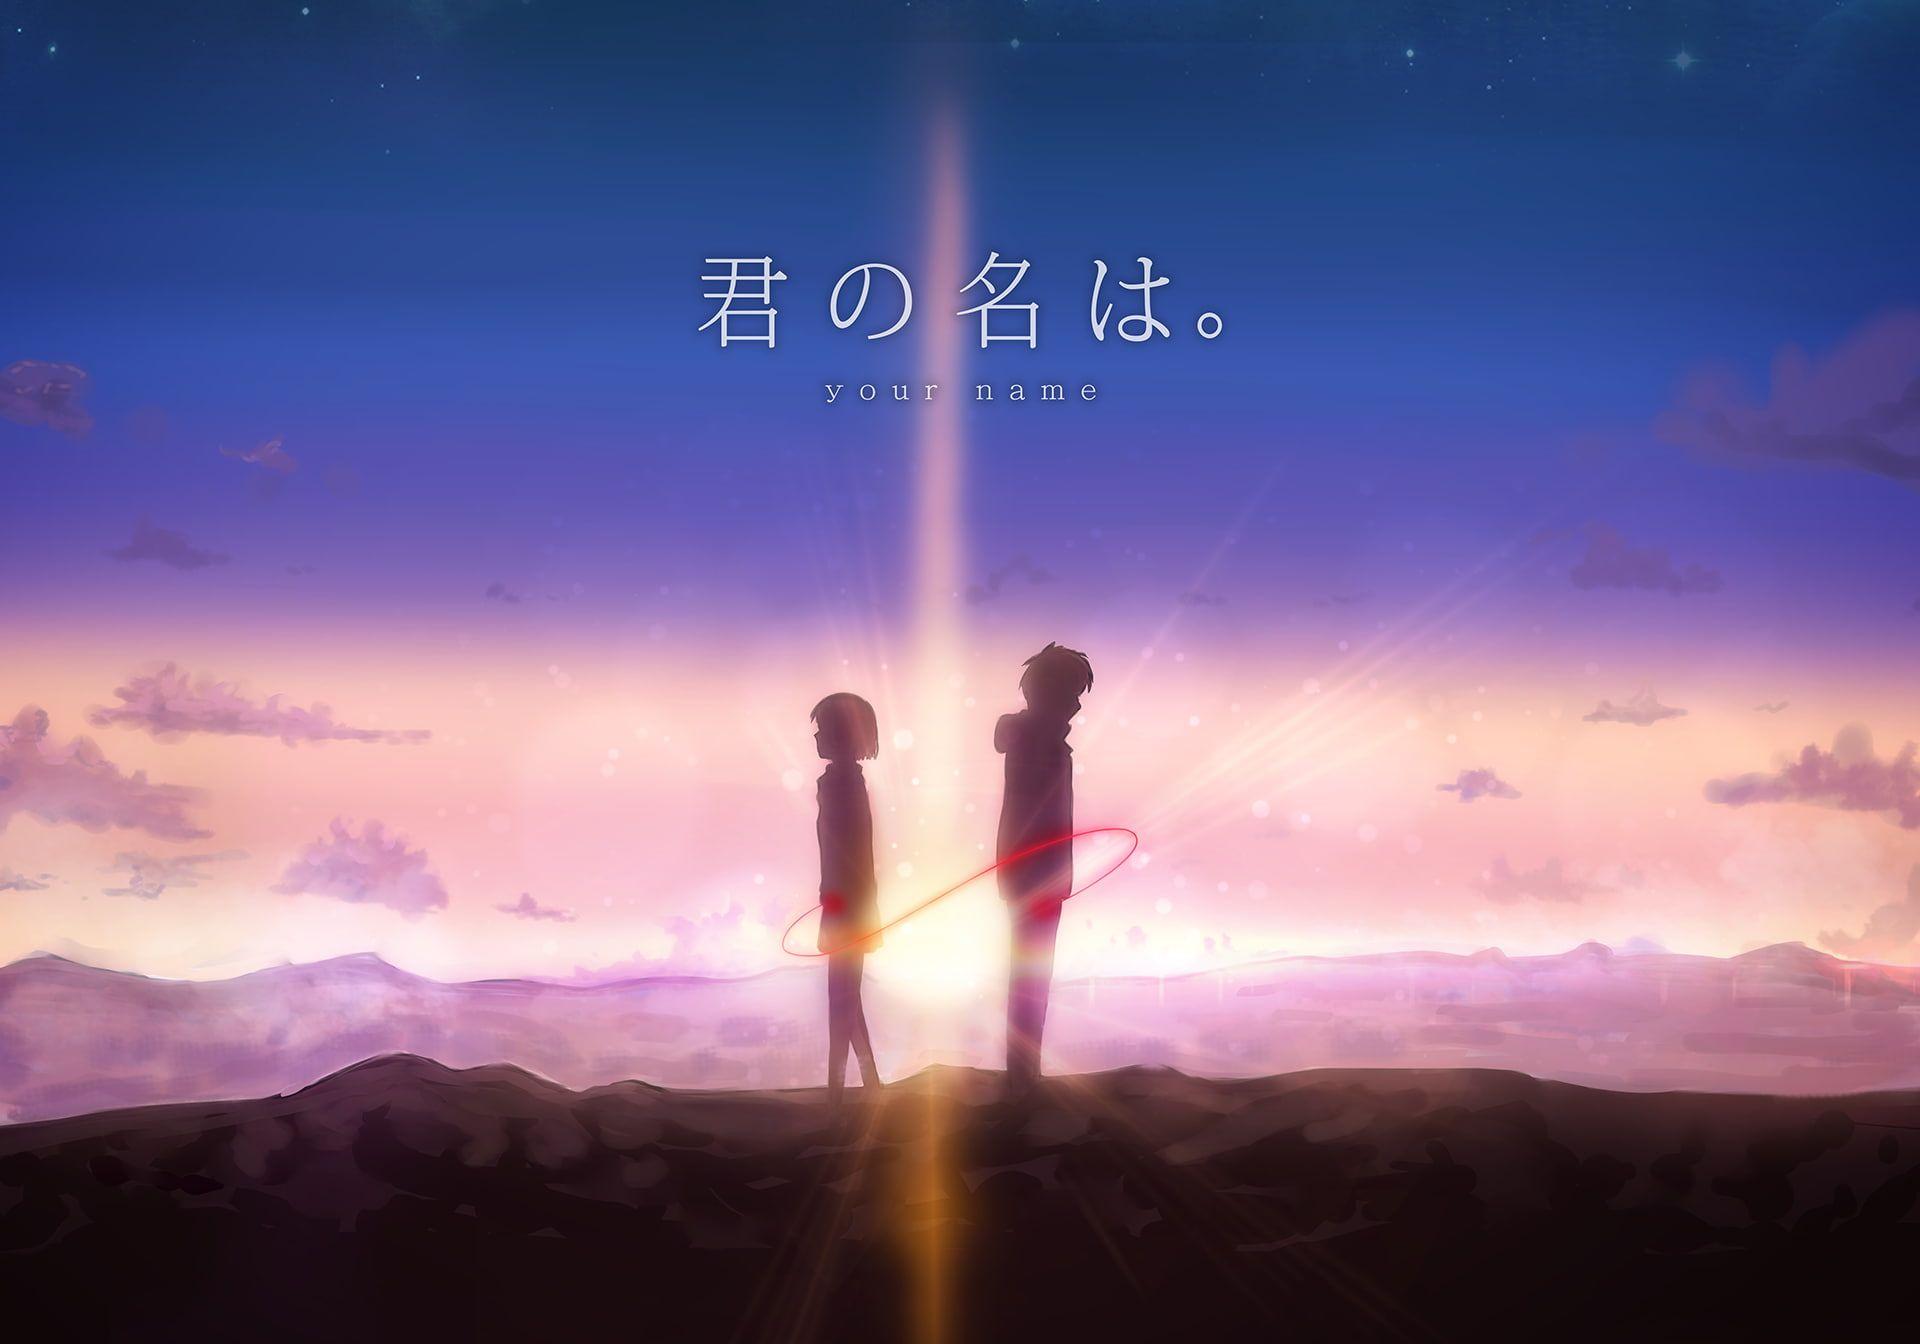 Kimi No Nawa Digital Wallpaper Kimi No Na Wa Your Name Taki Tachibana Mitsuha Miyamizu Sunlight S Your Name Wallpaper Your Name Anime Kimi No Na Wa Wallpaper